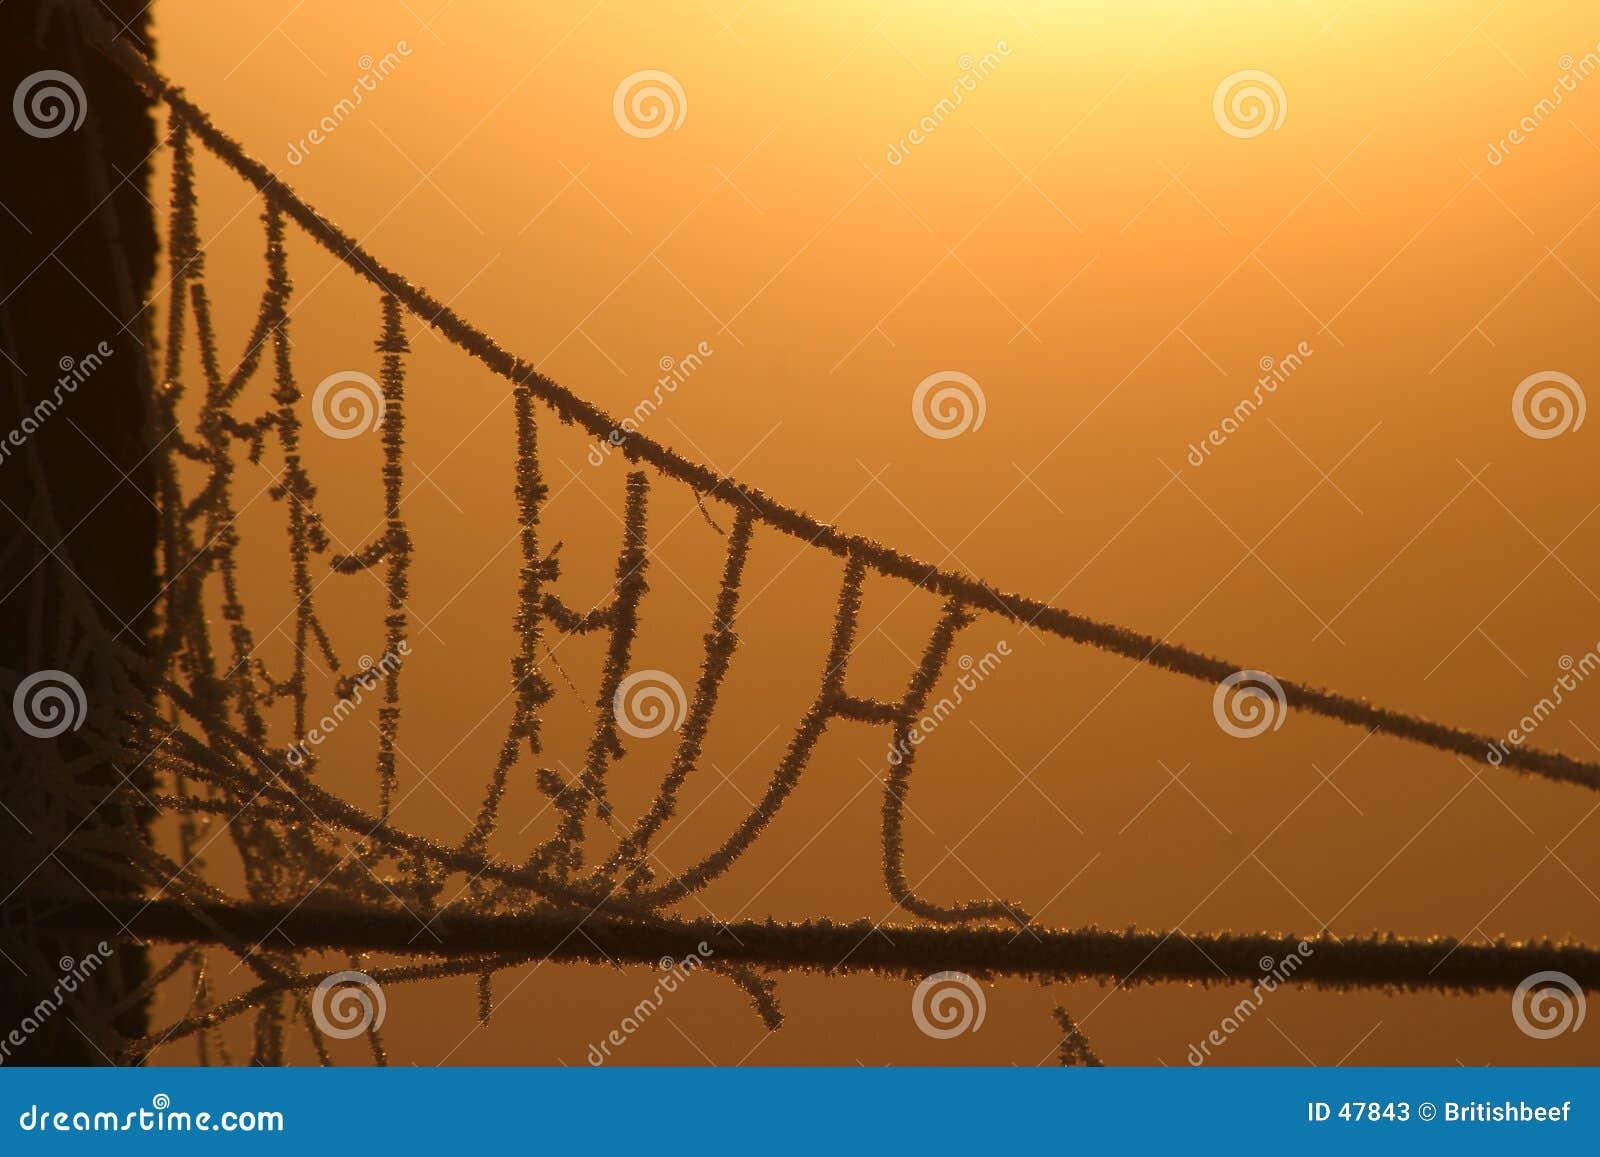 De hangbrug van de spin